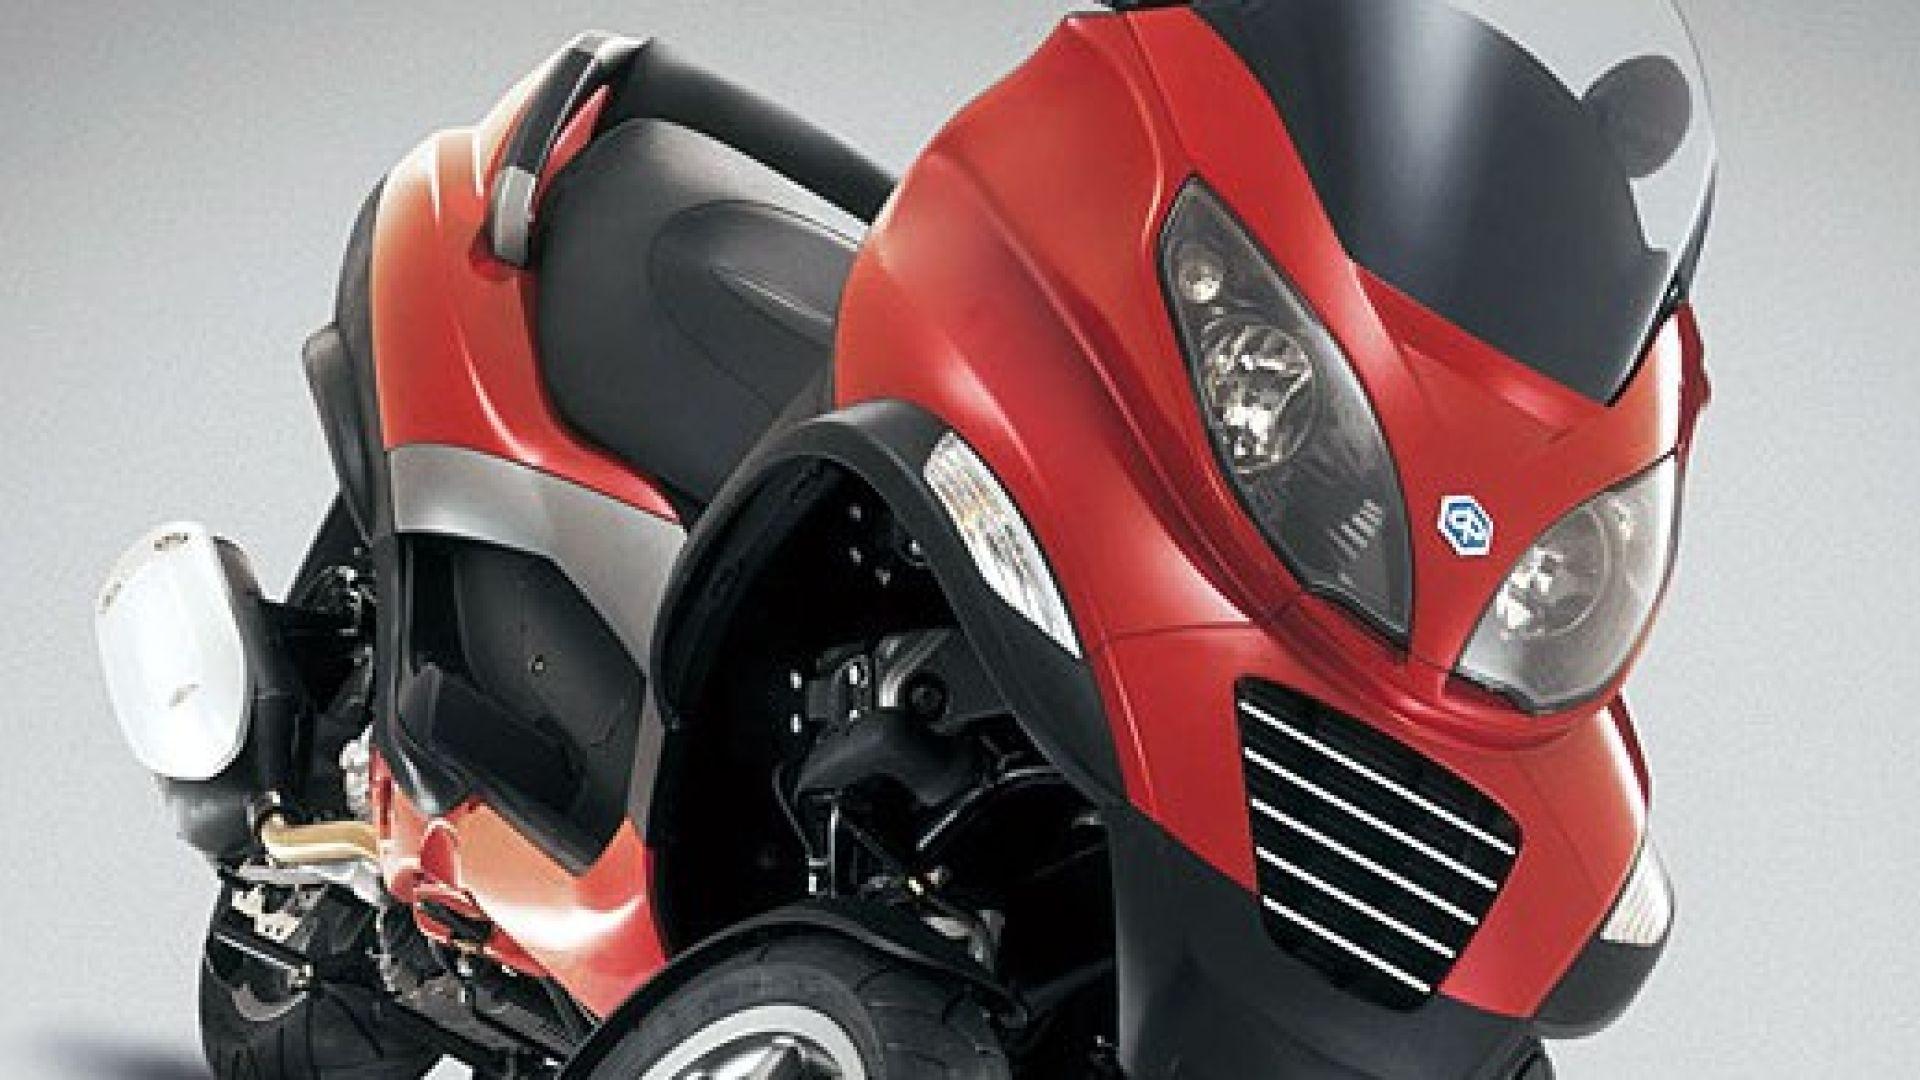 Immagine 5: Piaggio MP3, lo scooter con tre ruote